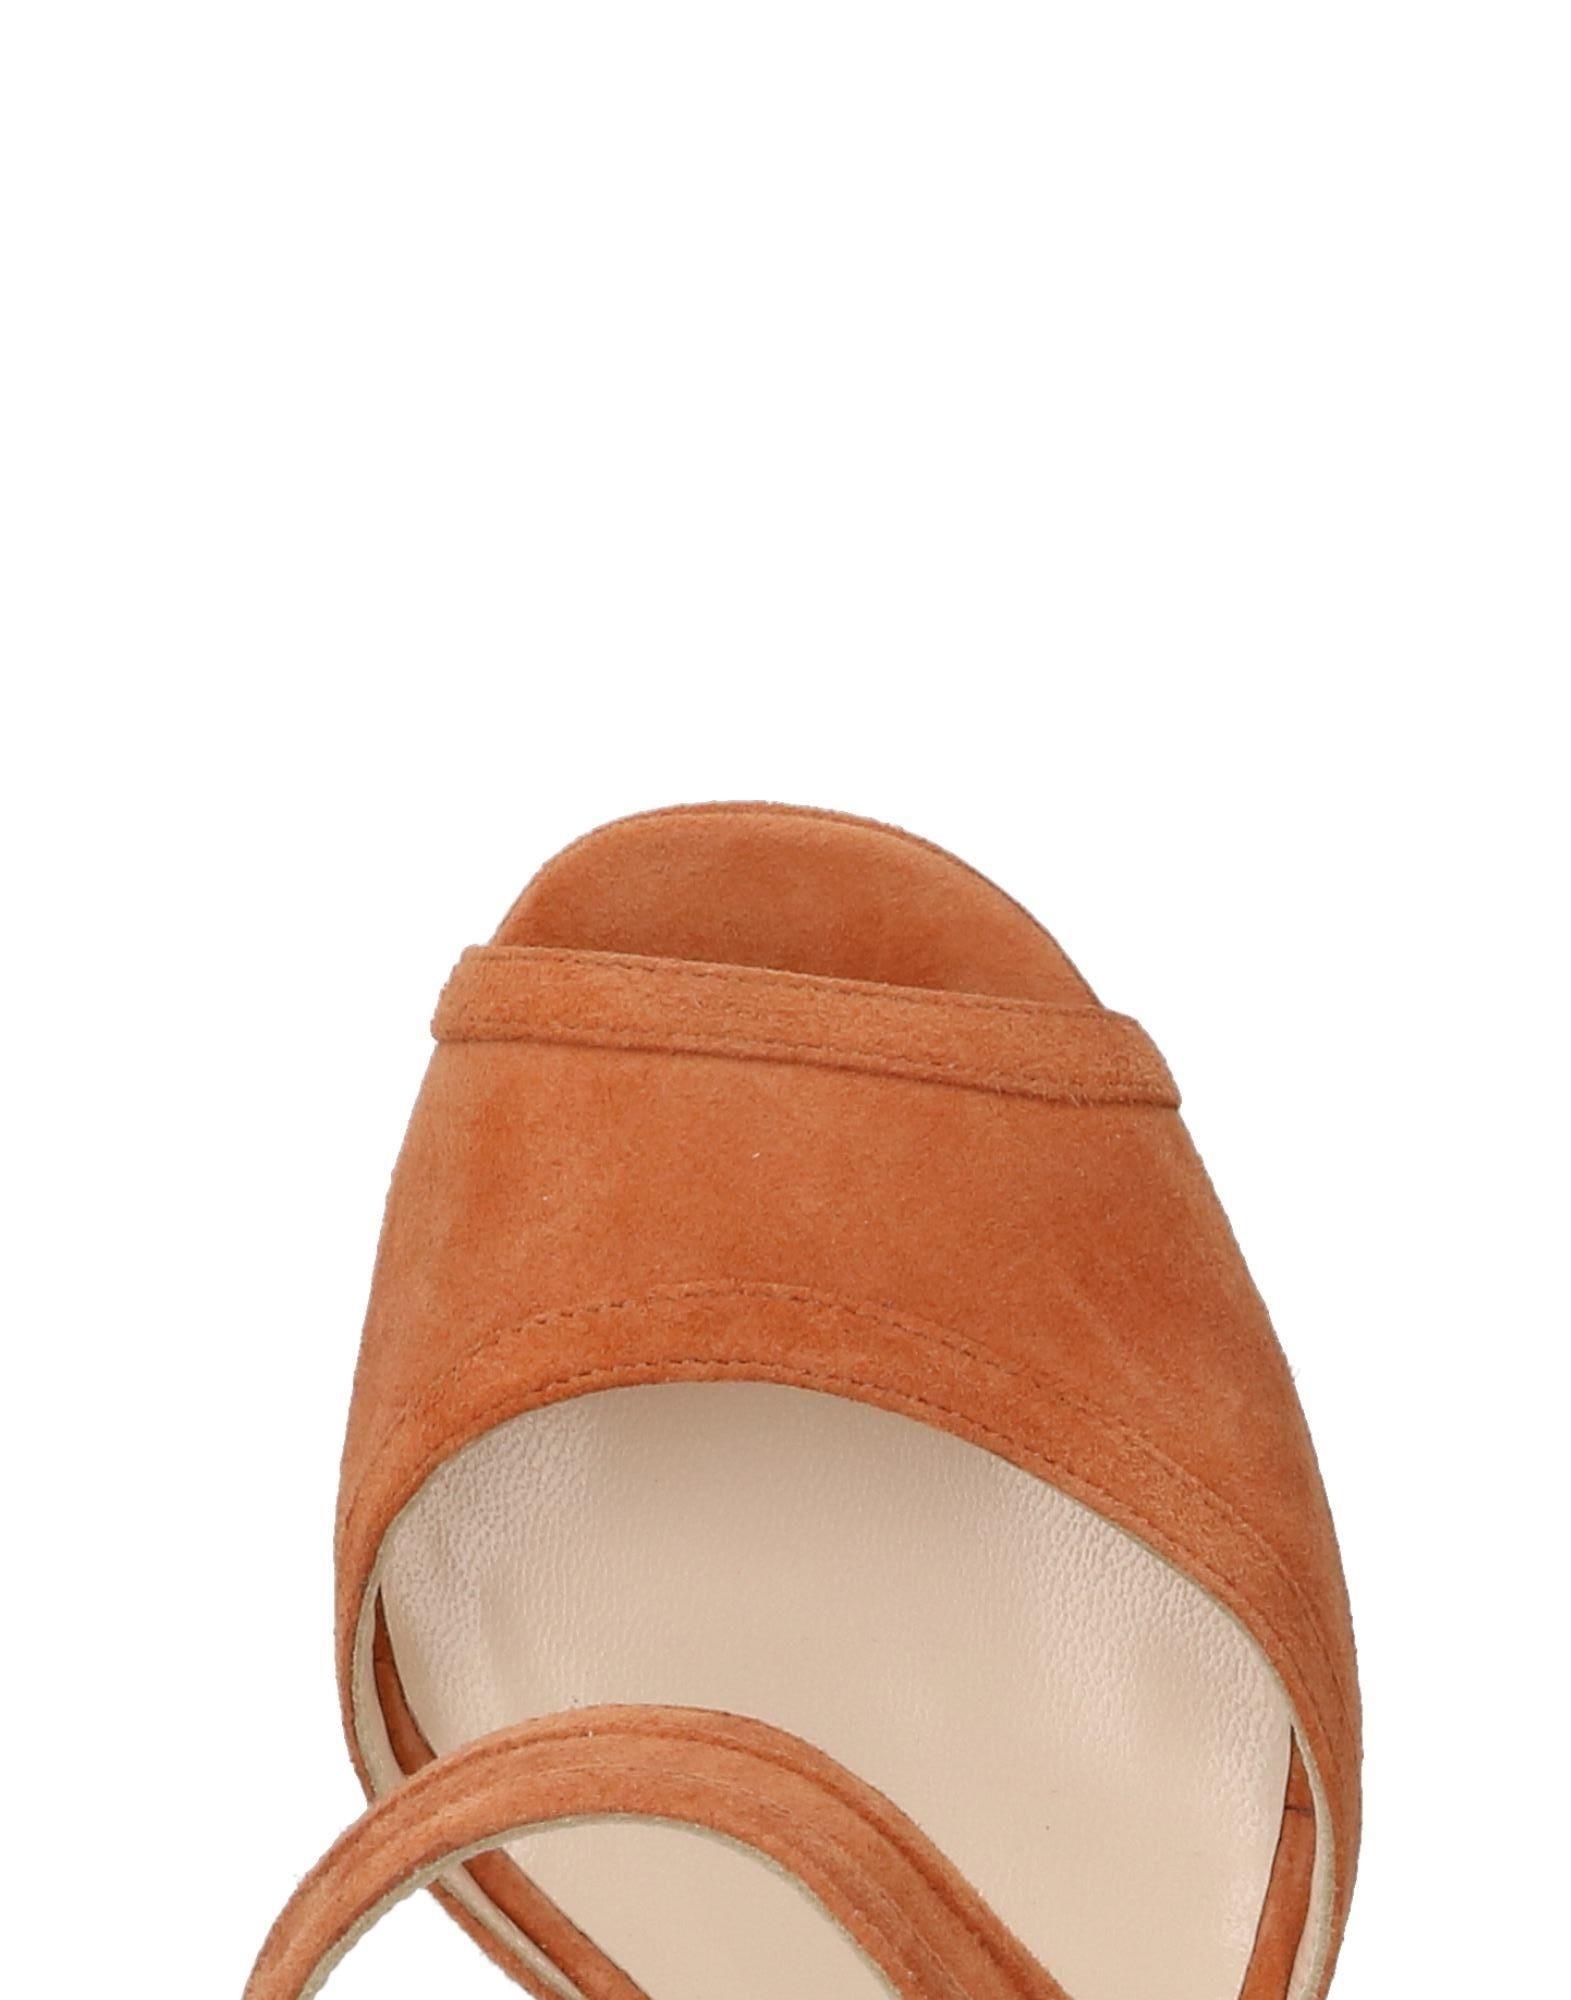 Sandales Couture Femme - Sandales Couture sur